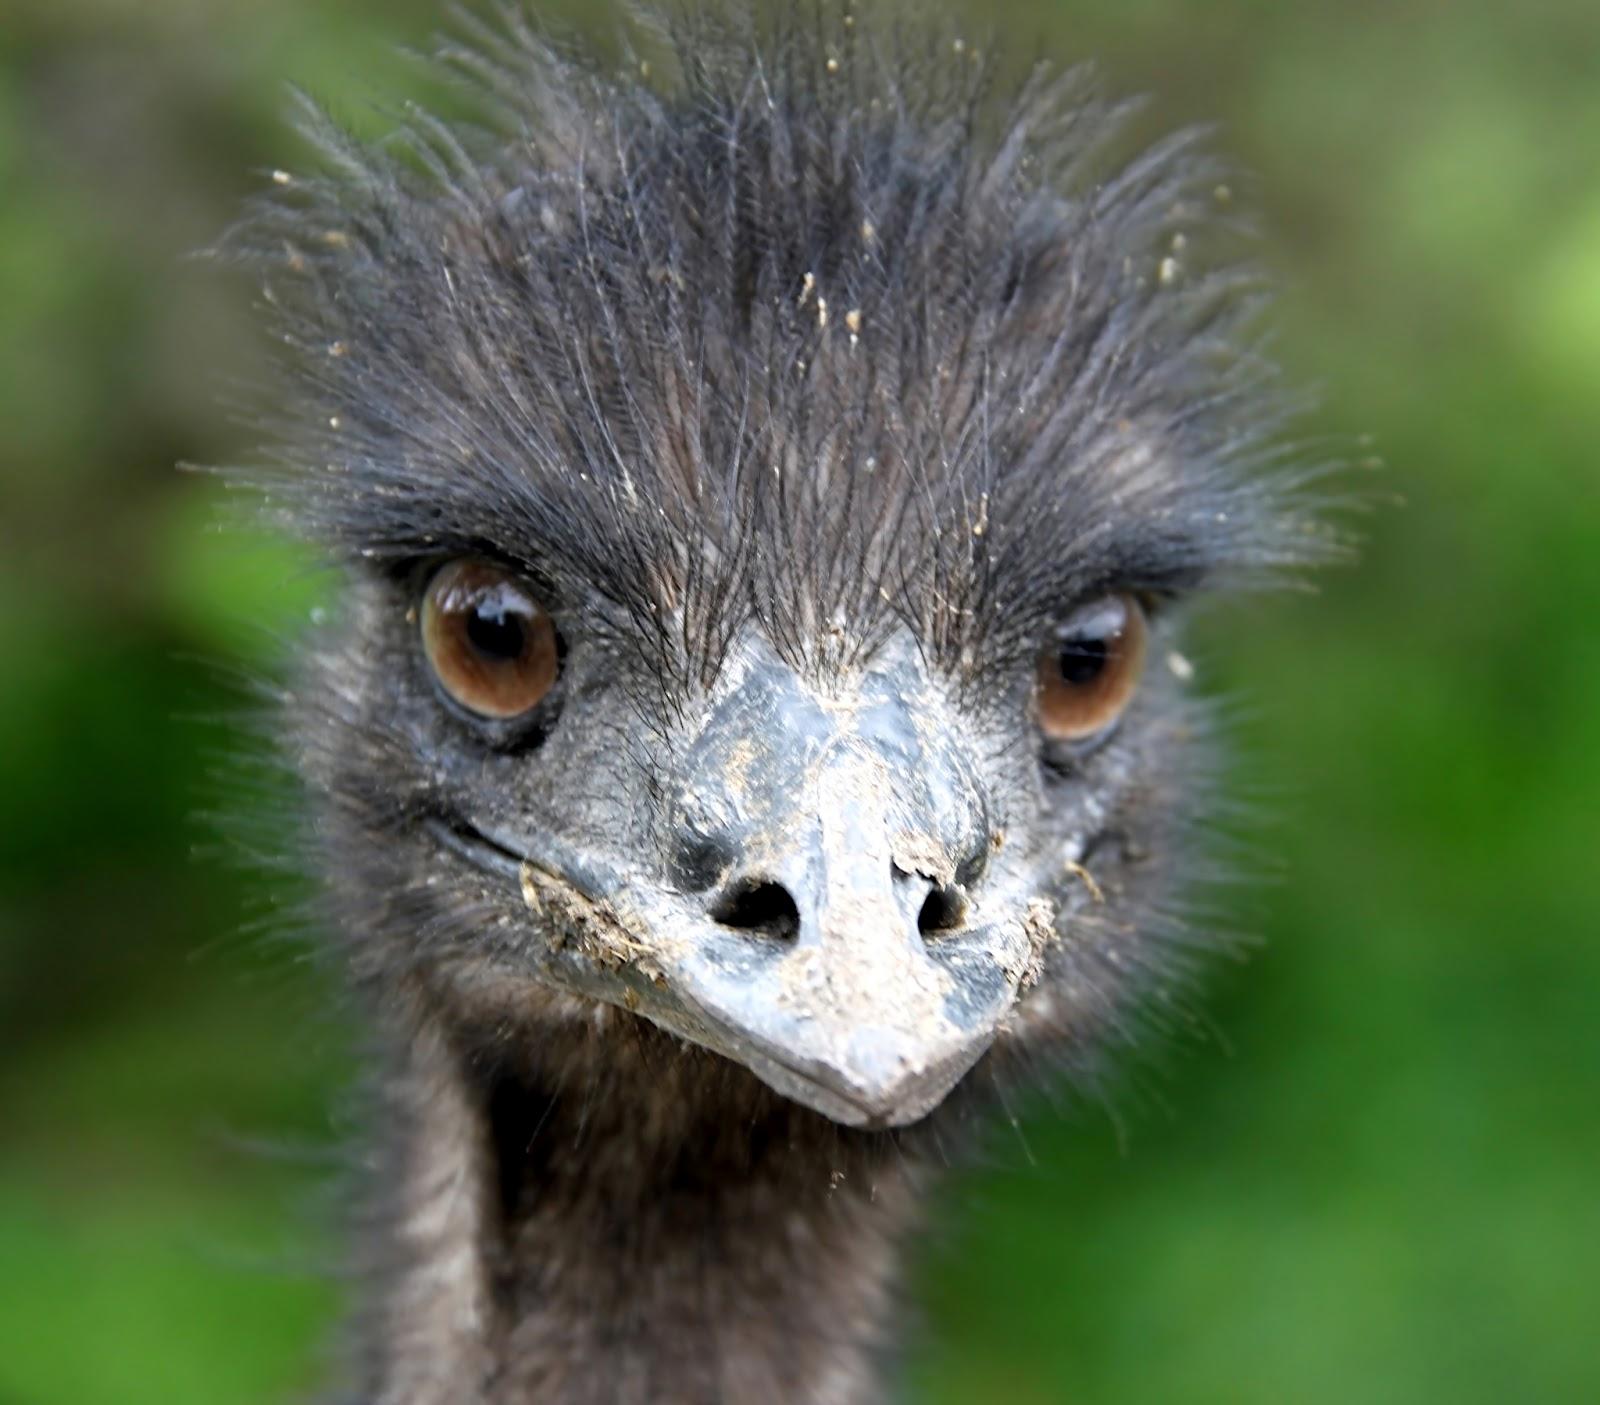 Zeer Grappige afbeeldingen: Afbeeldingen van dieren; close-up van emoe #TS22